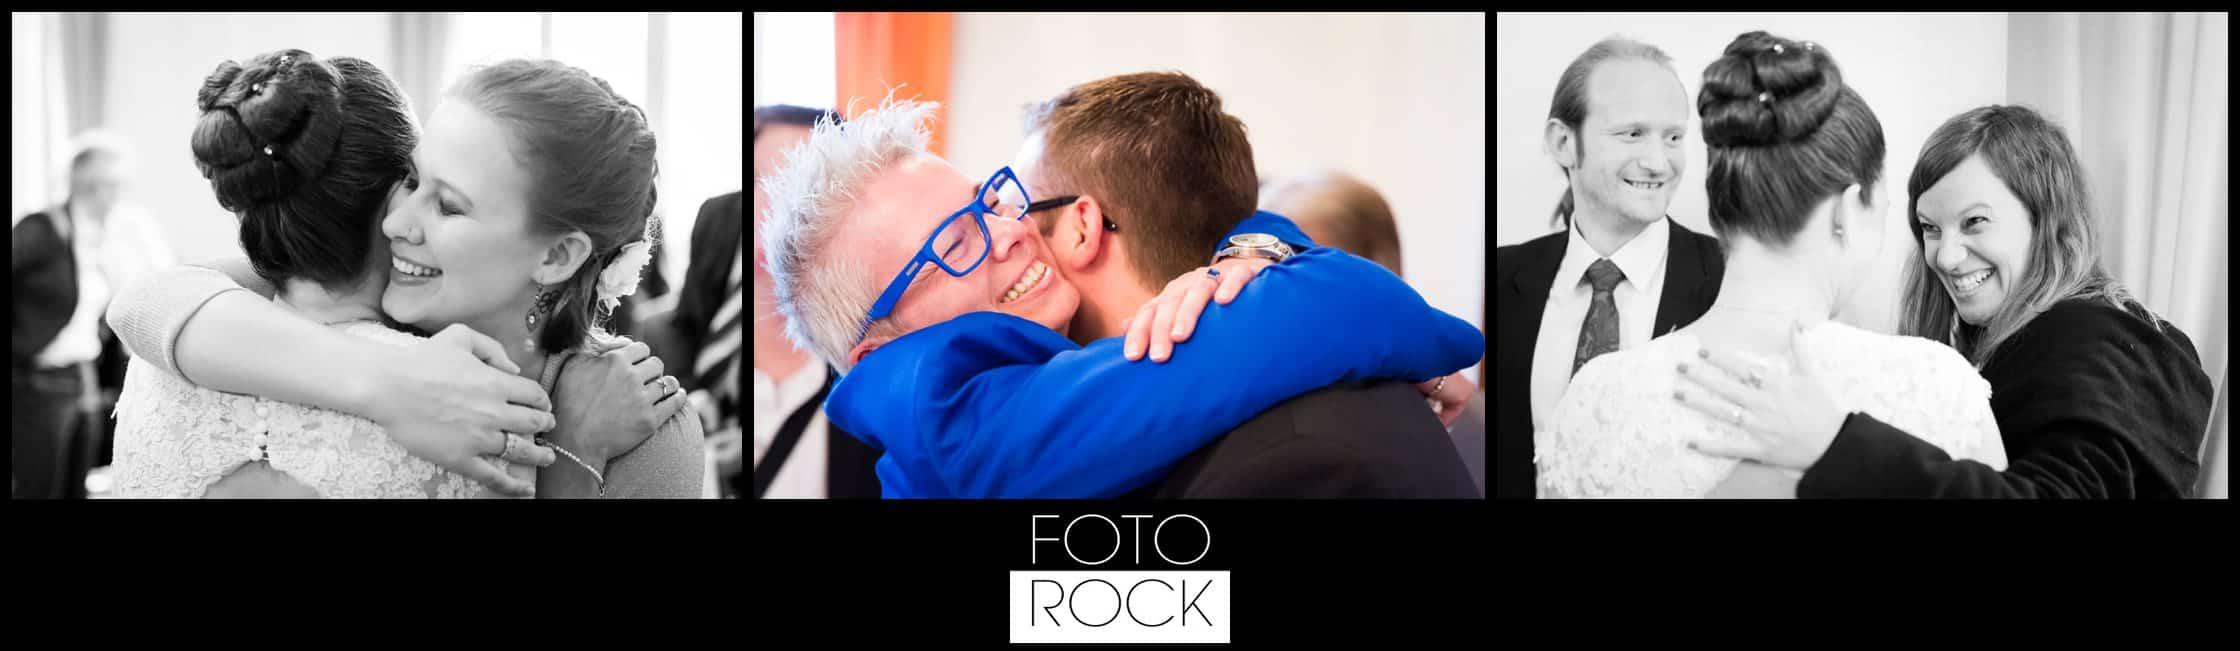 Hochzeit Vitra Design Museum Weil am Rhein Brautpaar Umarmung Glückwünsche